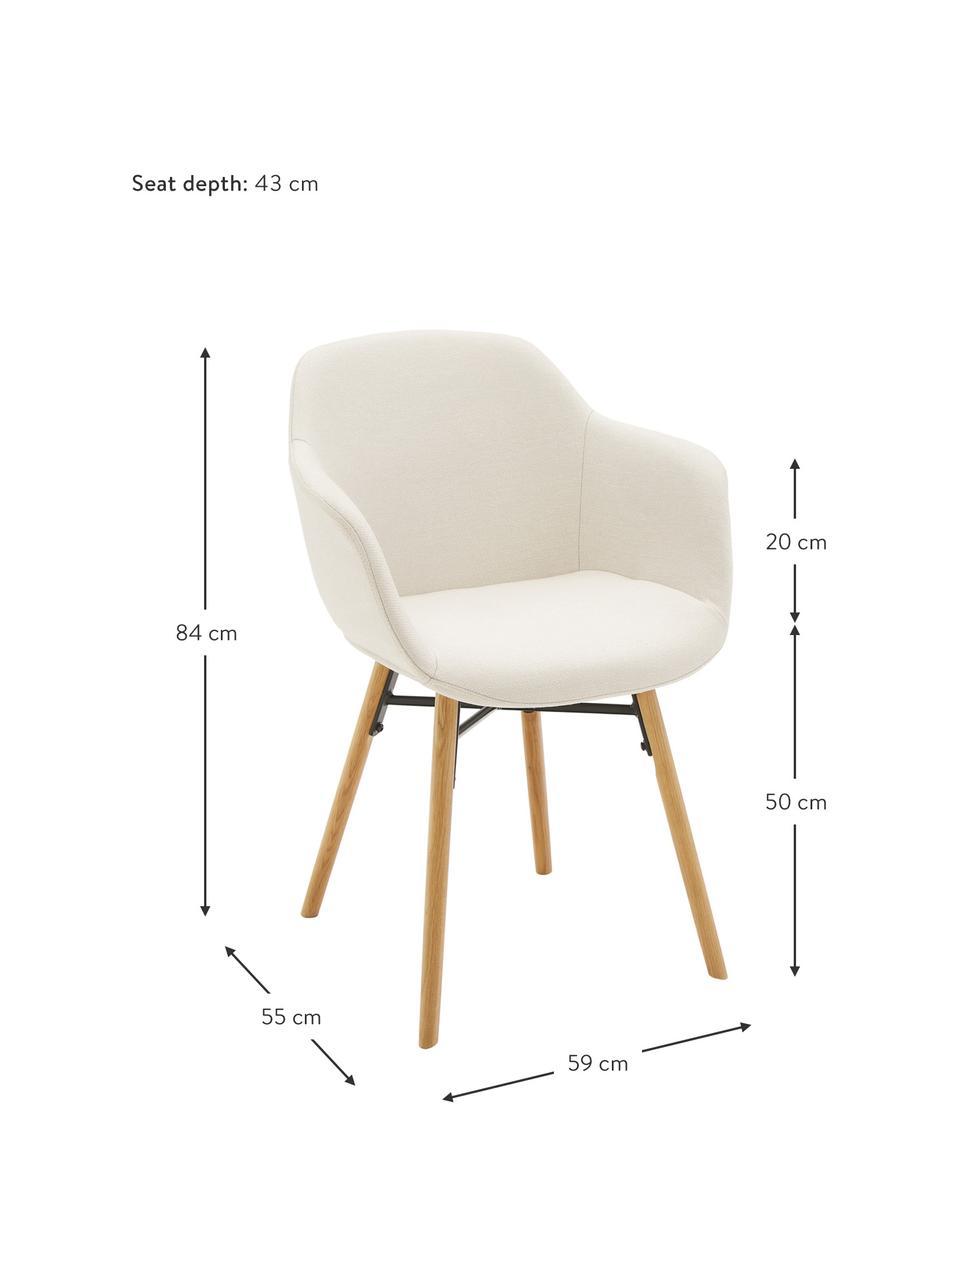 Armlehnstuhl Fiji mit Holzbeinen, Bezug: Polyester Der hochwertige, Beine: Massives Eichenholz, Webstoff Beige, Eichenholz, B 59 x T 55 cm